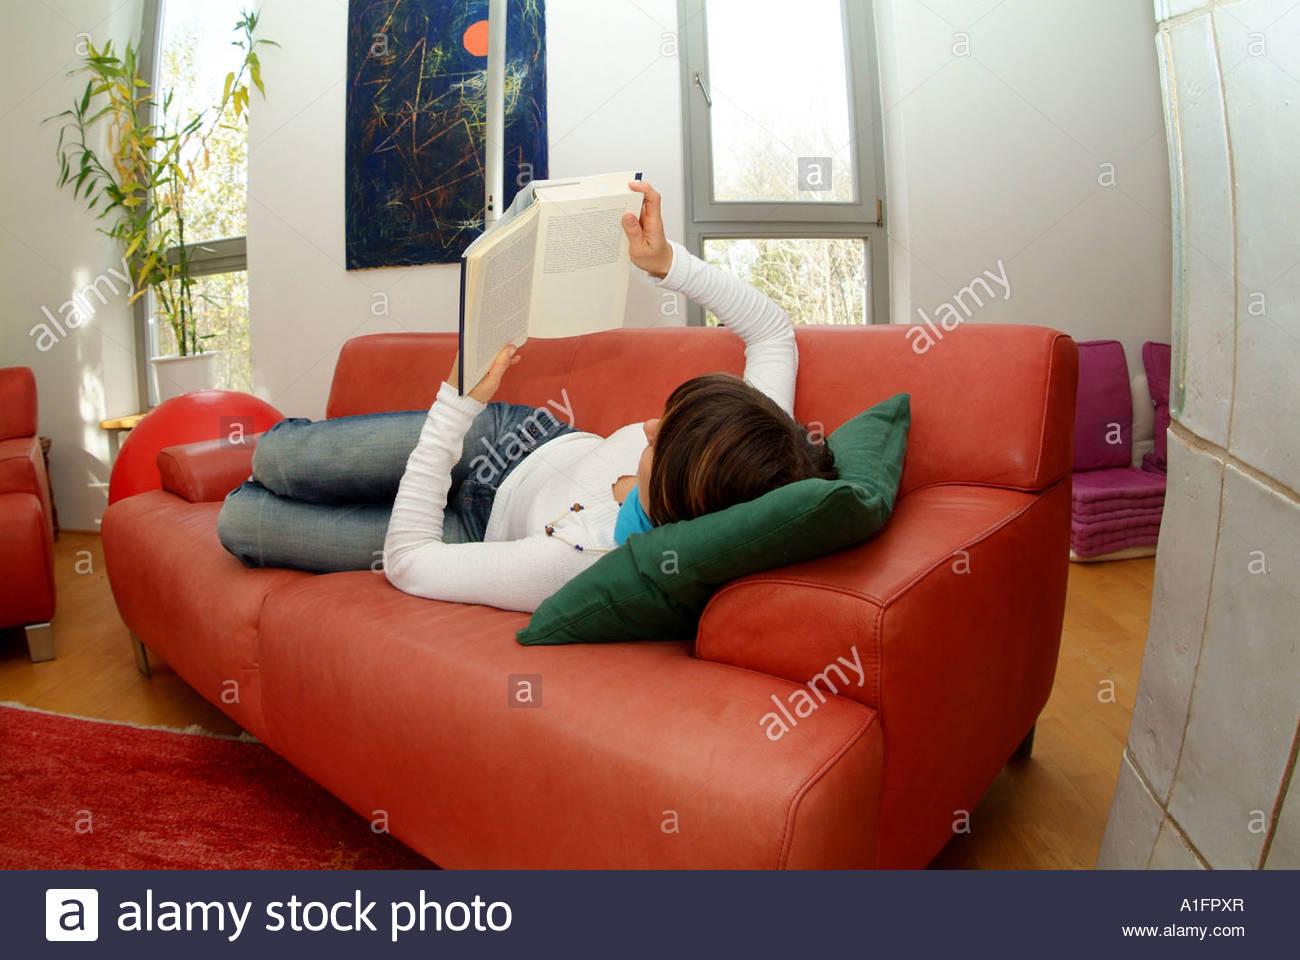 junge frau liegt gemütlich auf einer couch im wohnzimmer und liest